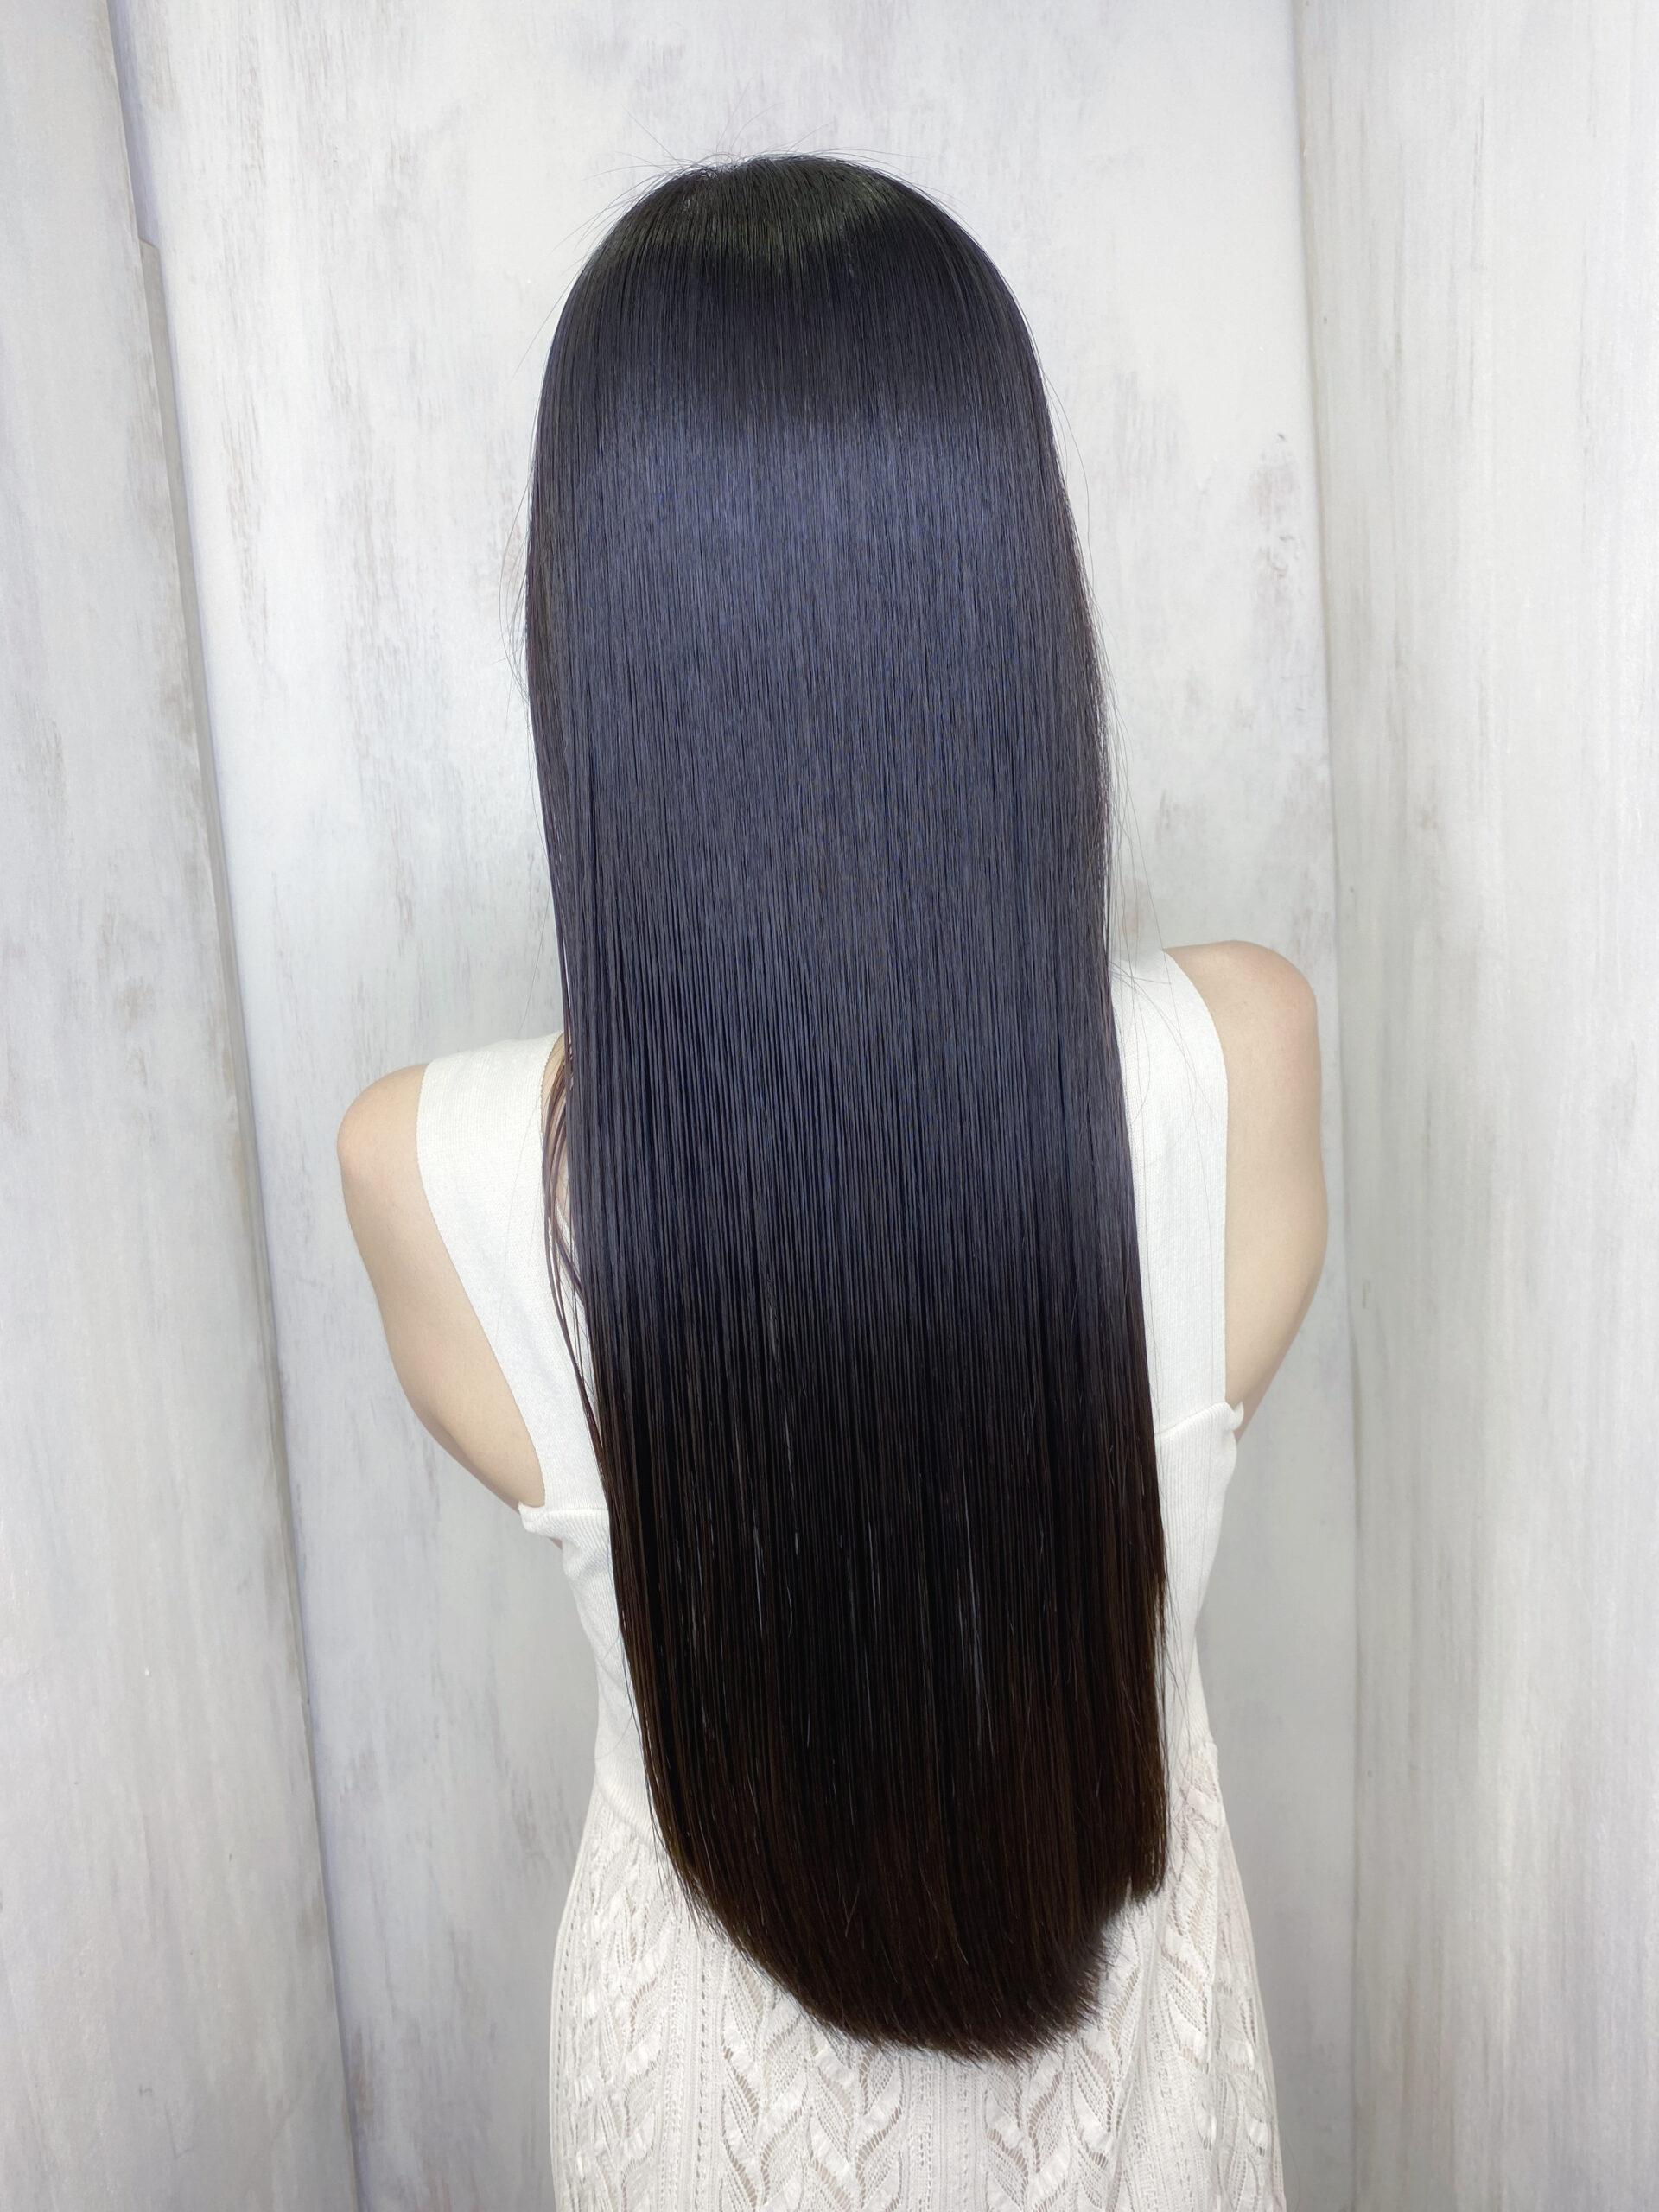 デジタルパーマでパサついてしまった髪を【ジュエリーシステム×LULUトリートメント×縮毛矯正】で艶髪。